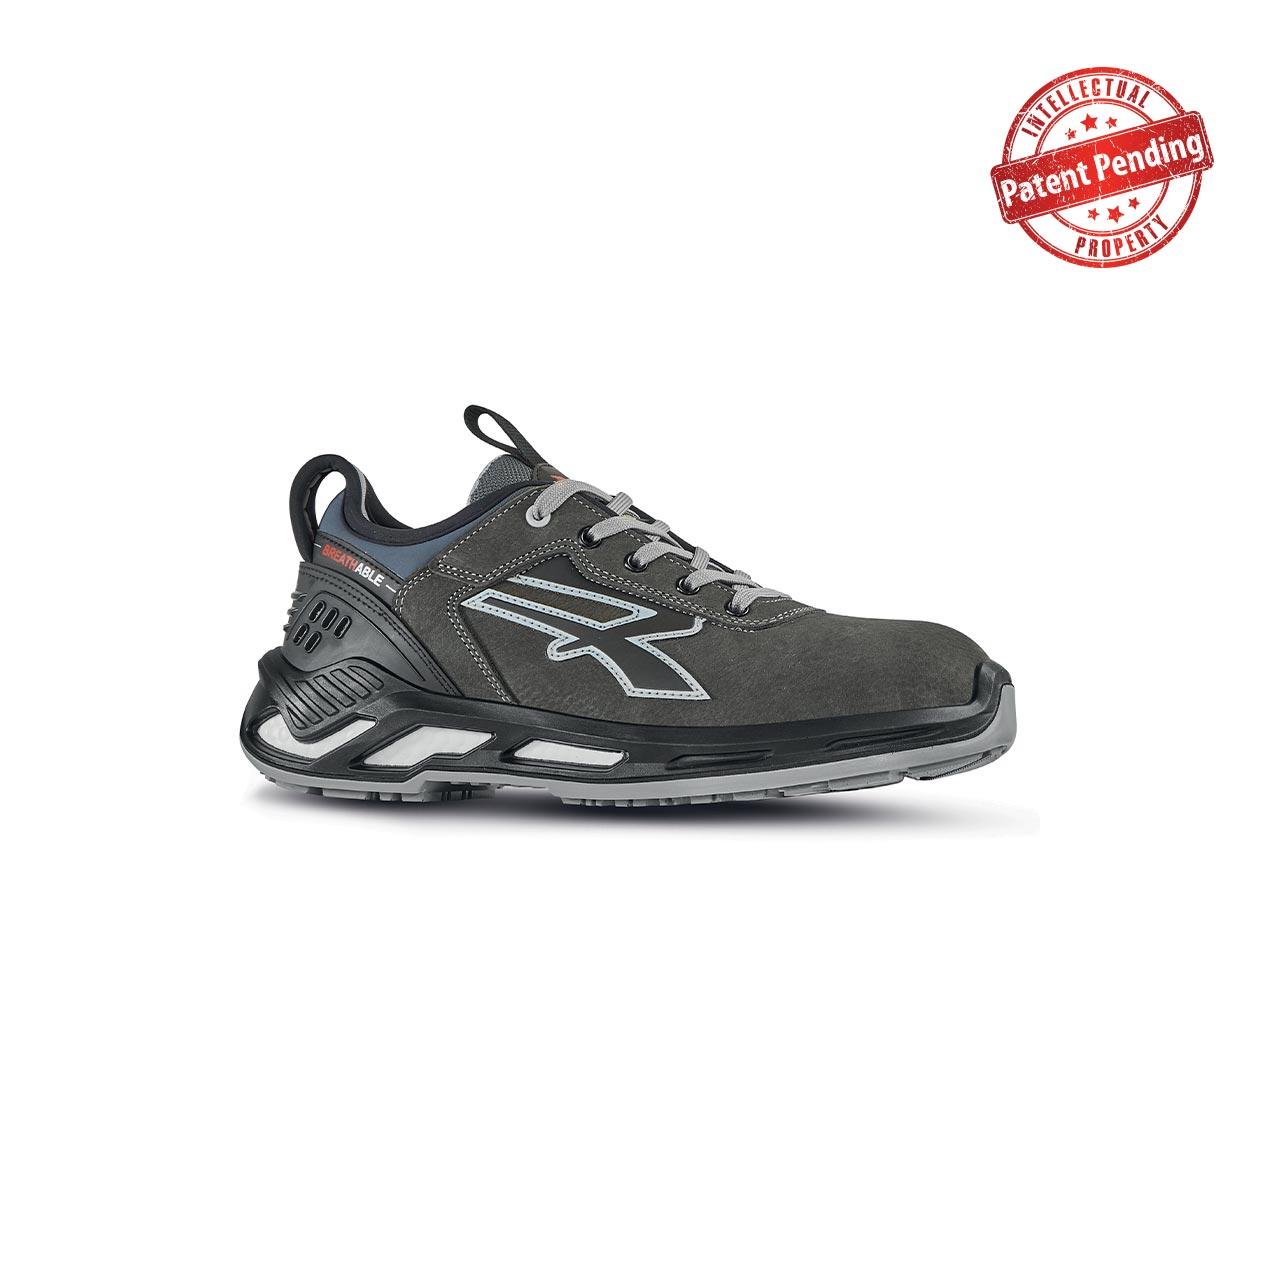 scarpa antinfortunistica upower modello byron linea red360 vista laterale